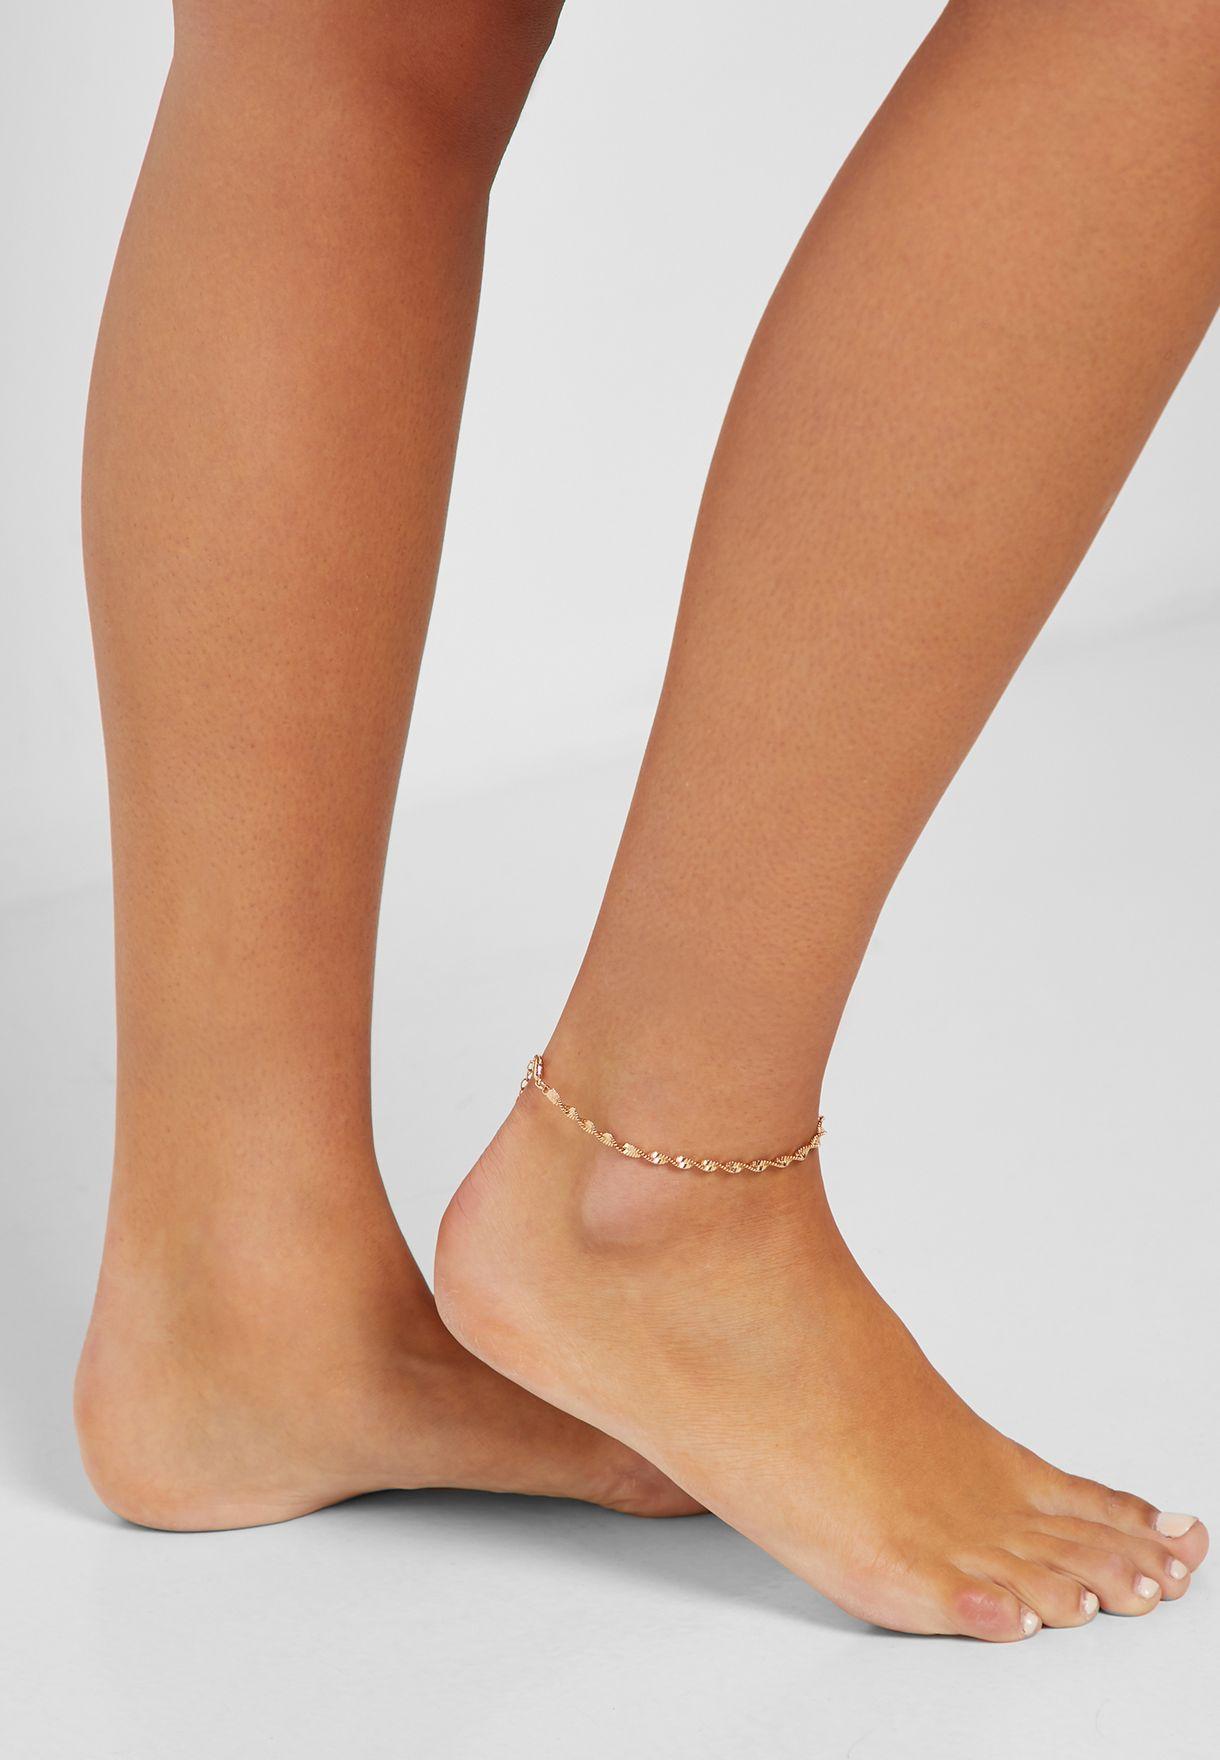 Rhaoni Anklet